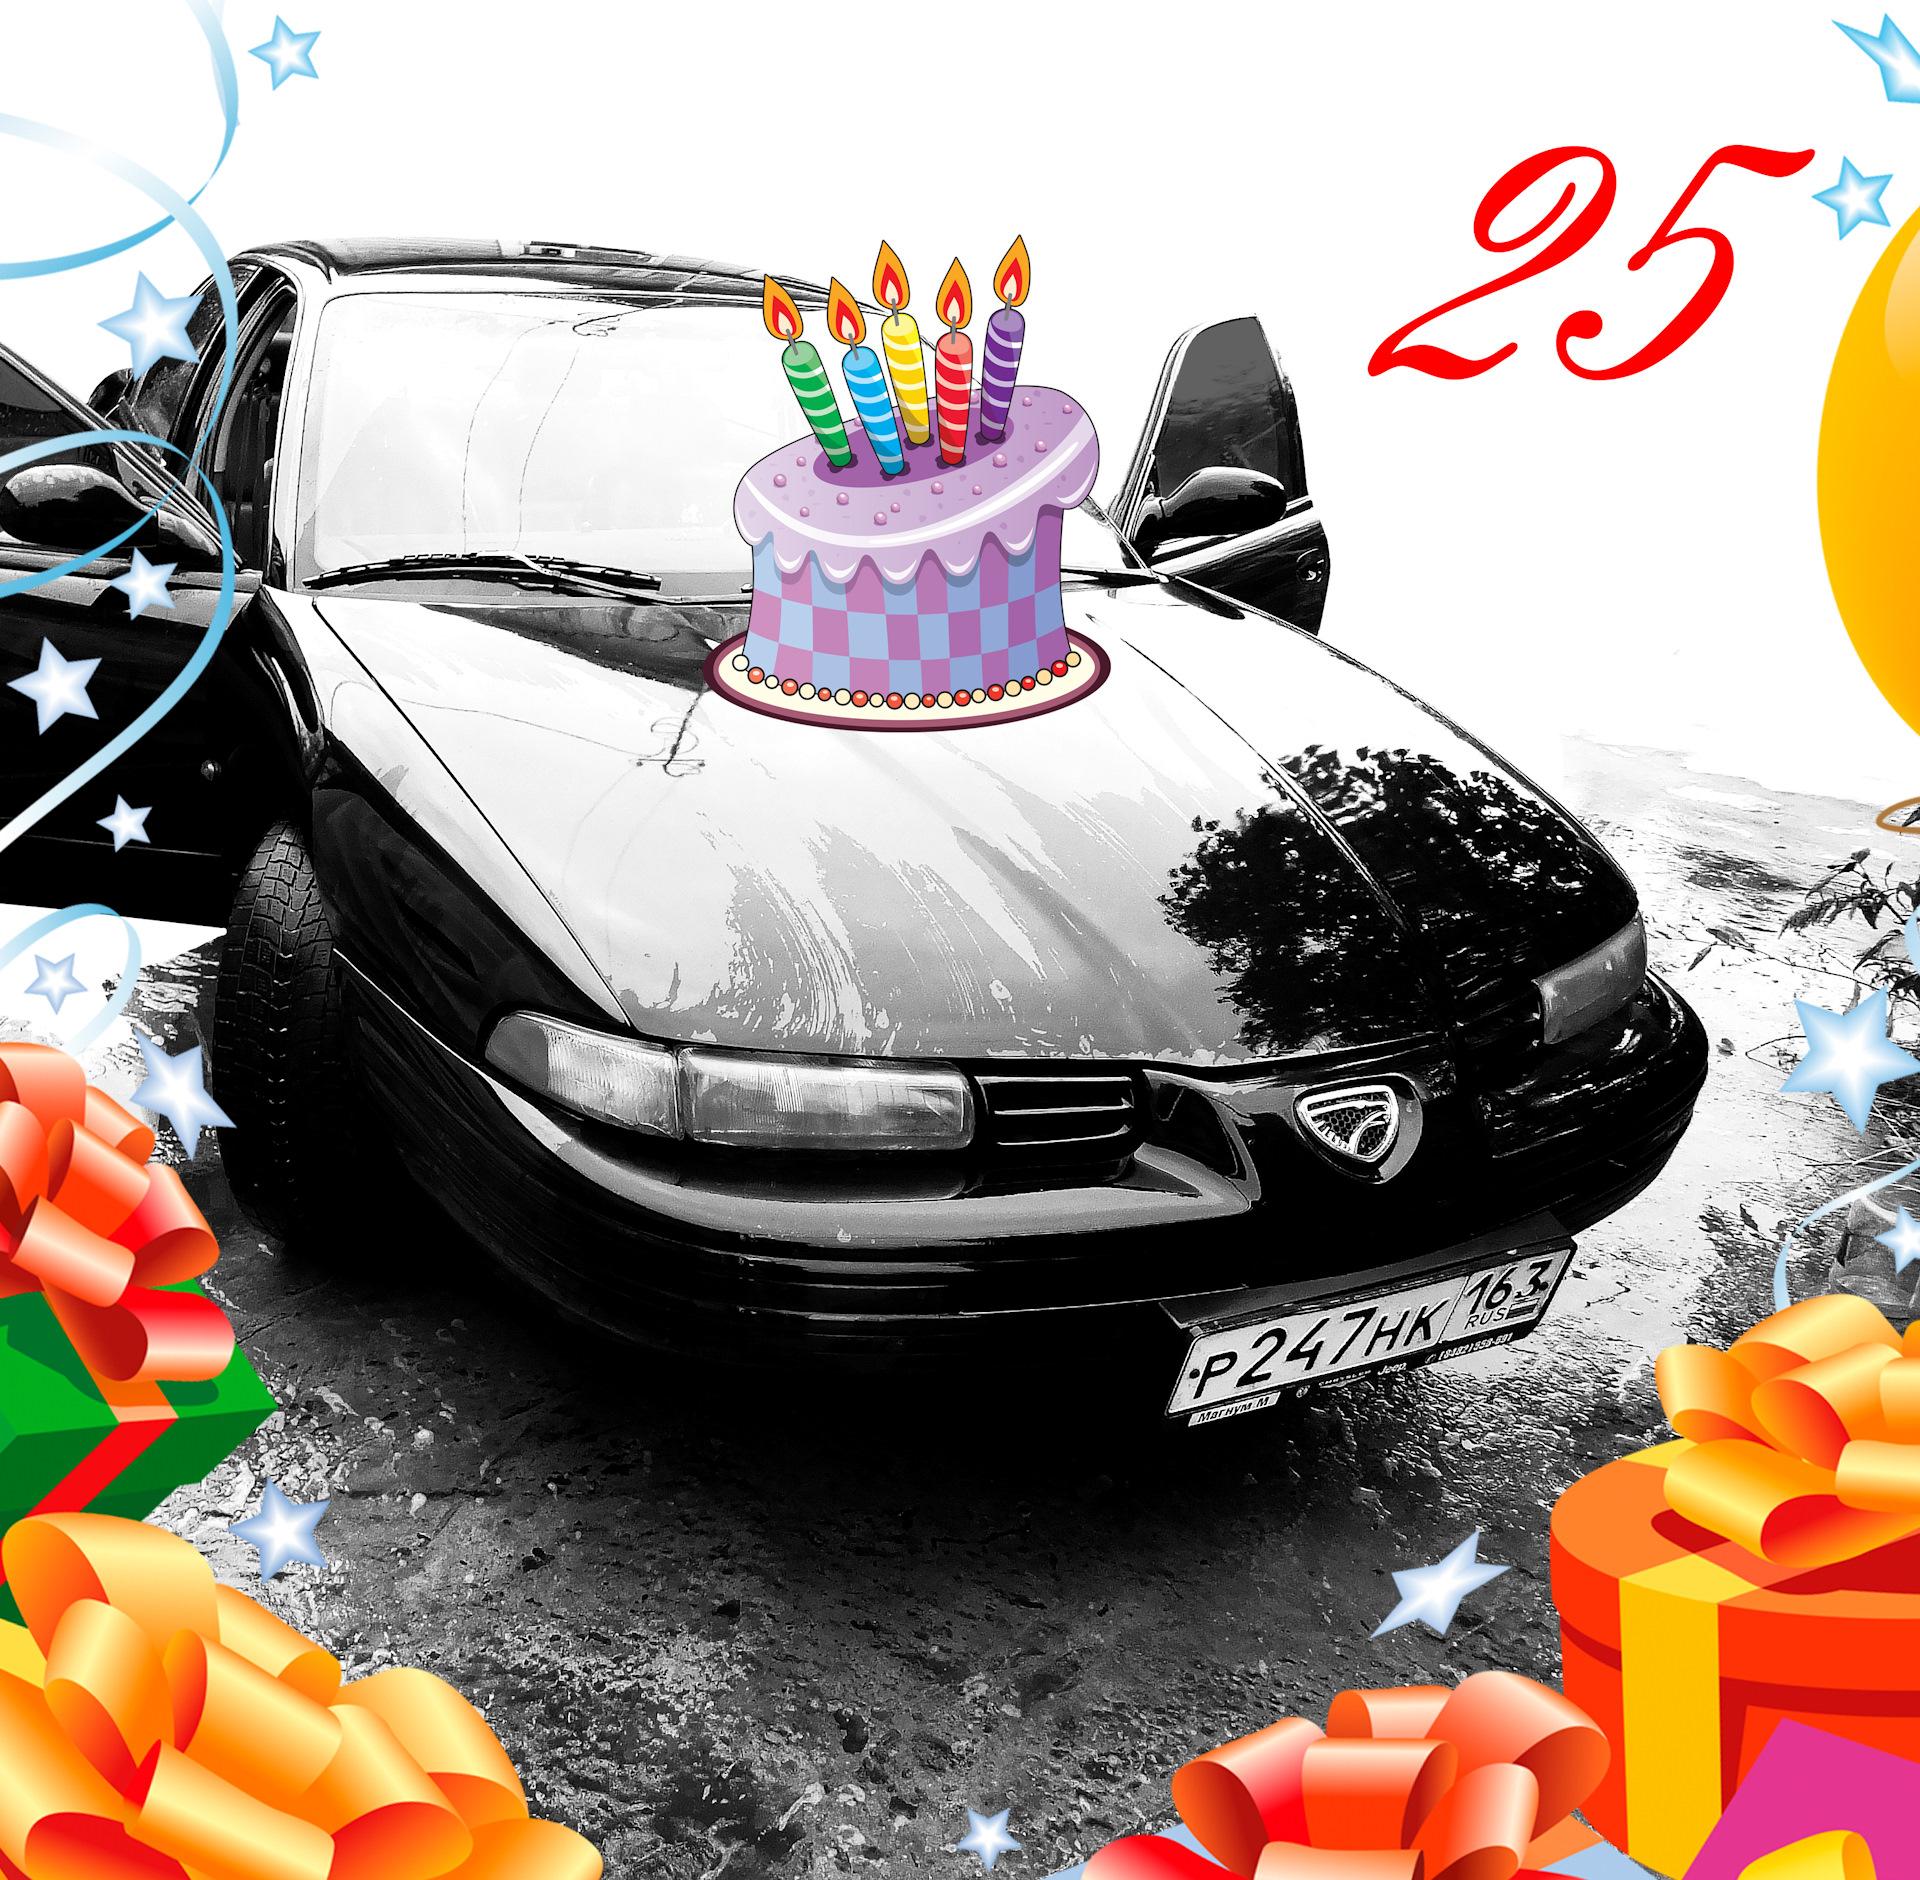 Картинки к дню рождения машина